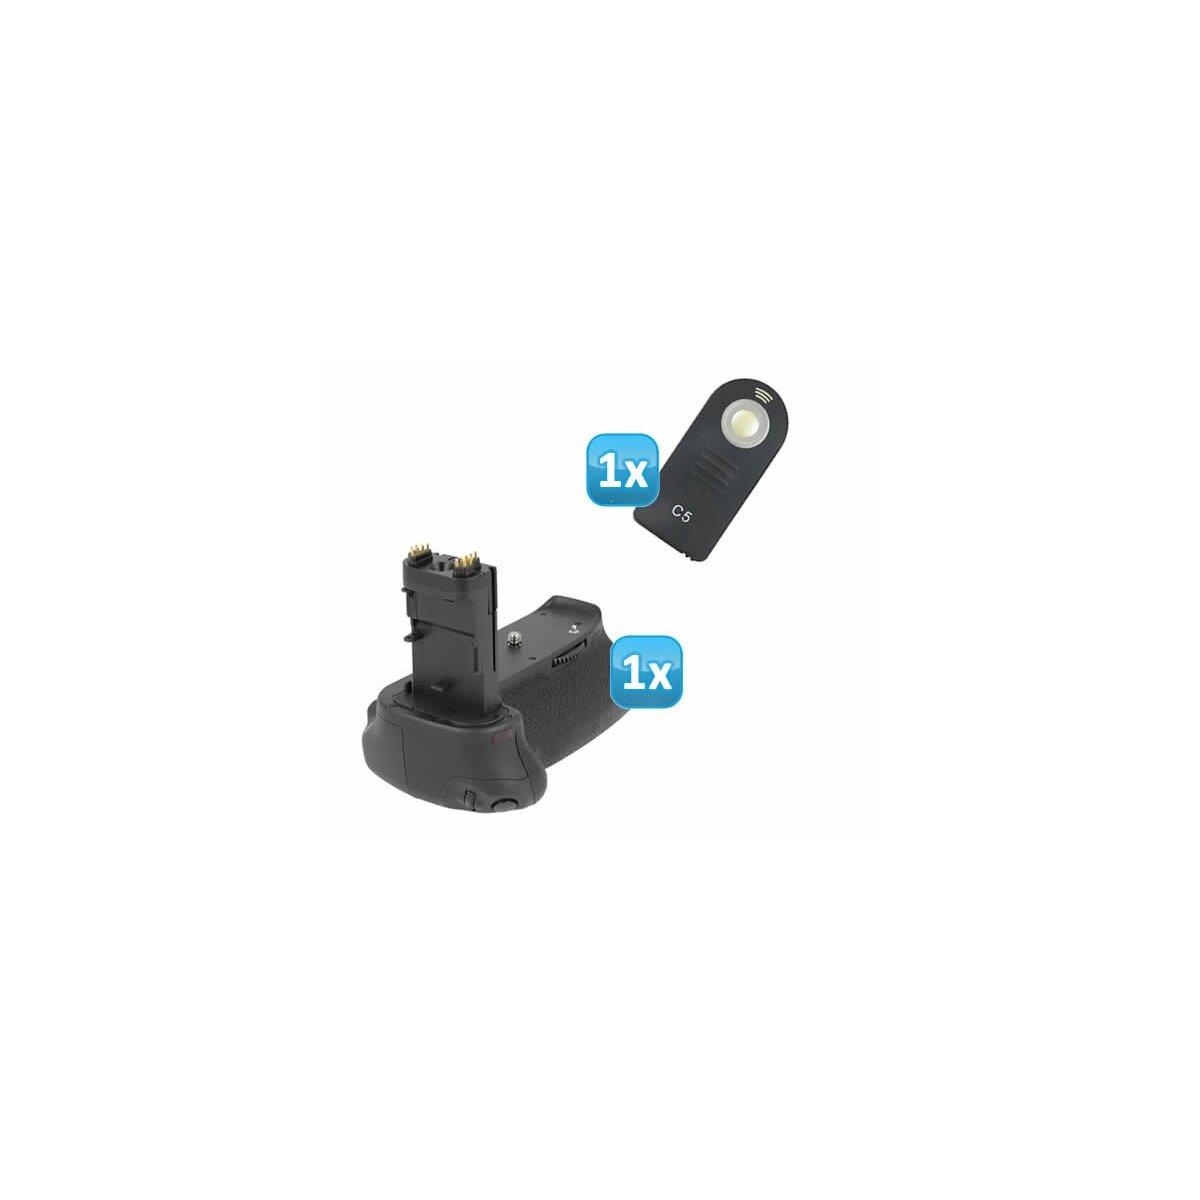 Minadax Batteriegriff kompatibel mit Canon EOS 6D mit INFRAROT Schnittstelle - Ersatz für BG-E13 für 2x LP-E6 oder 6 AA Batterien